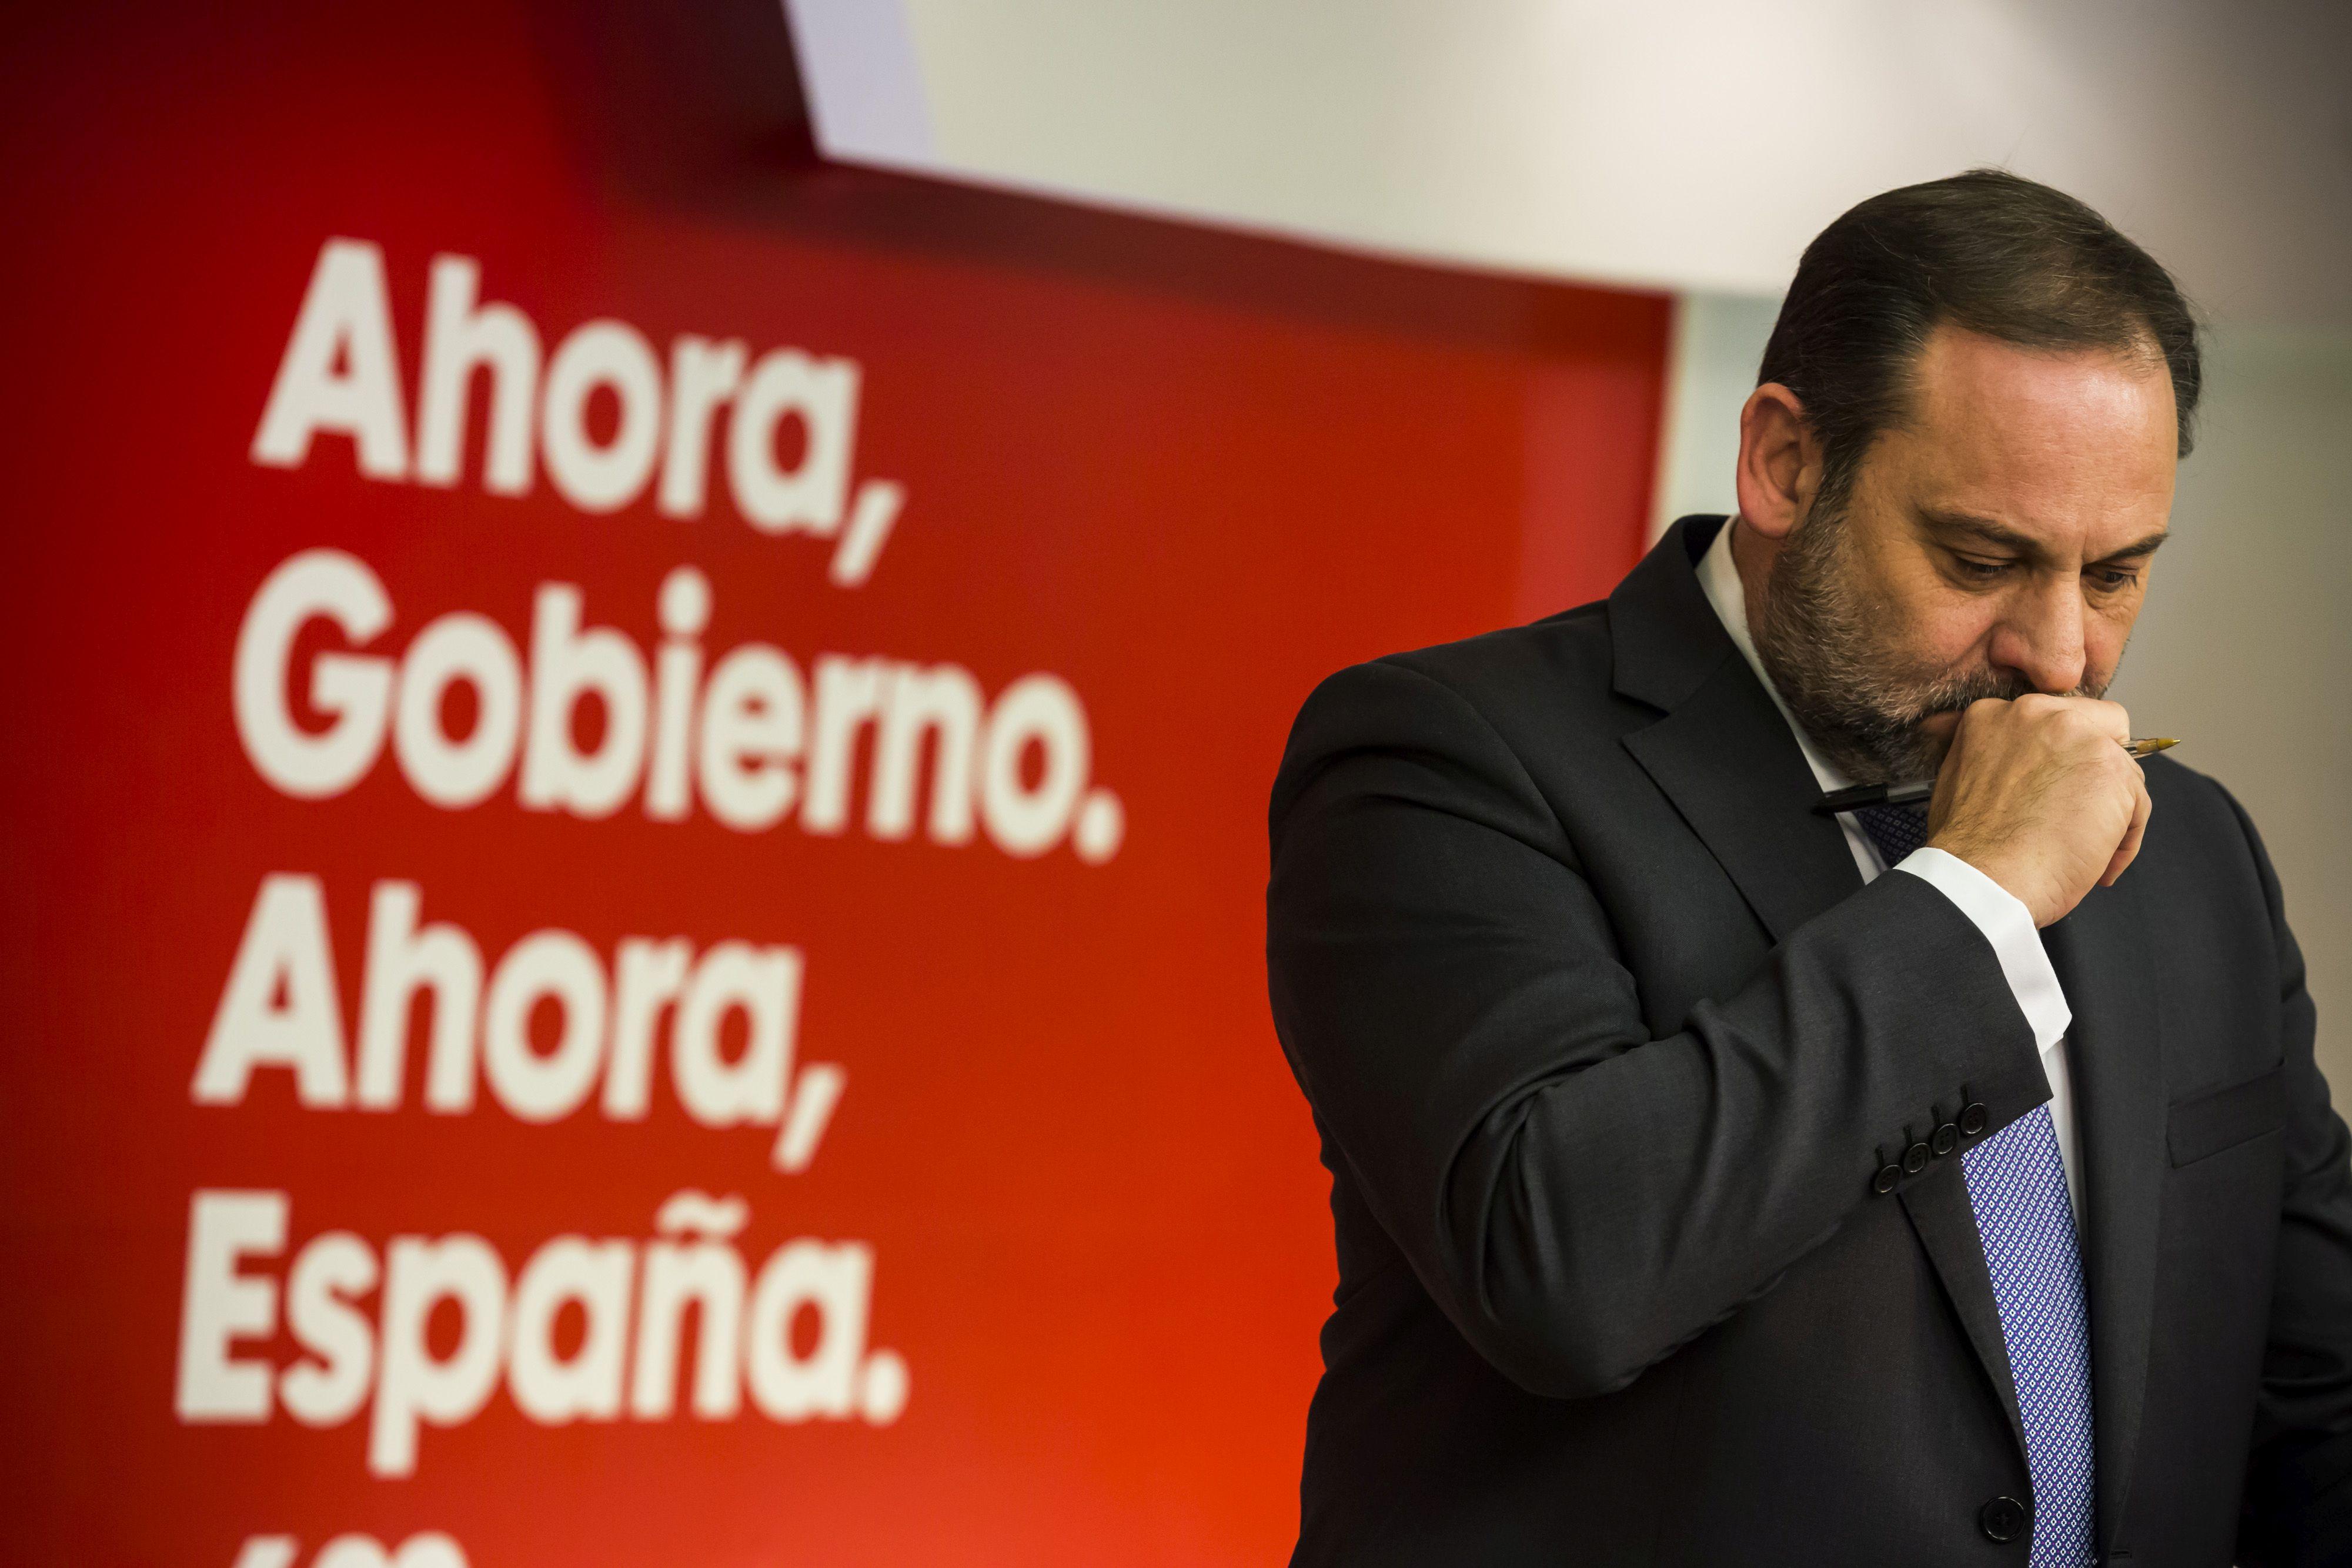 El PSOE buscará una mayoría con Podemos, Ciudadanos y los minoritarios